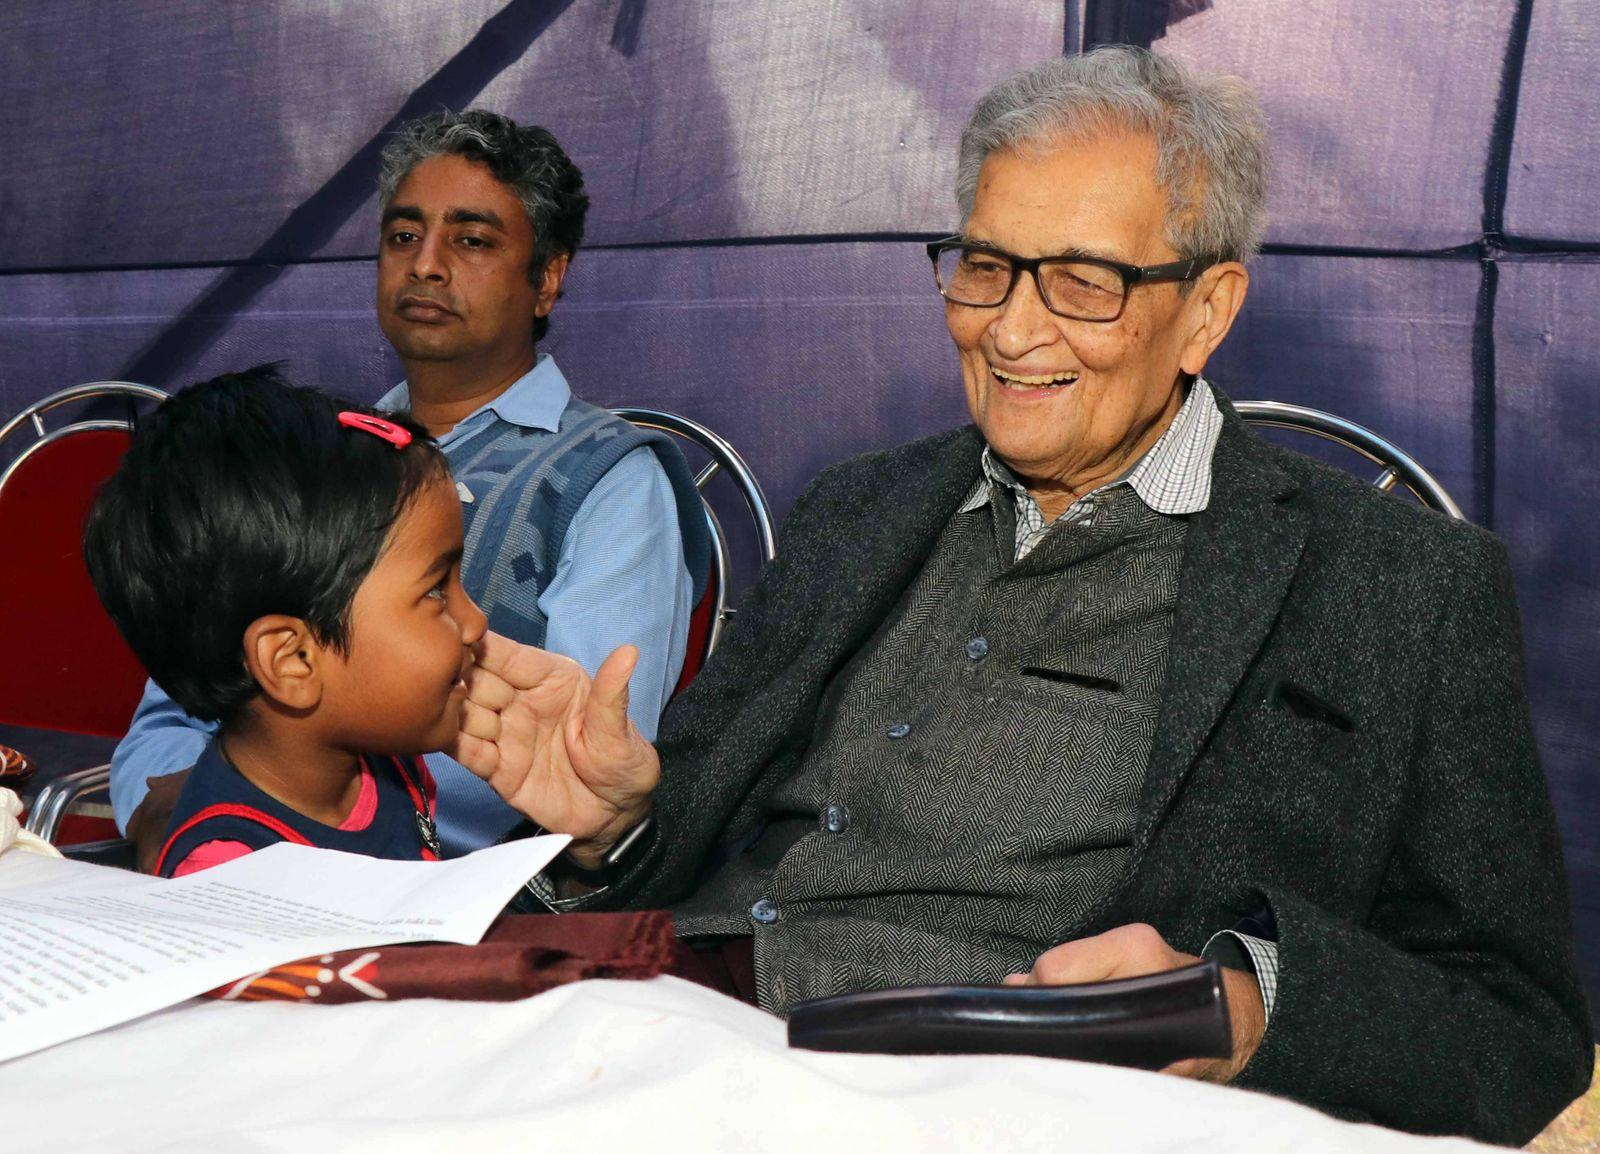 India Nobel laureate Amartya Sen Nobel laureate Amartya Sen interacts with a child during a program